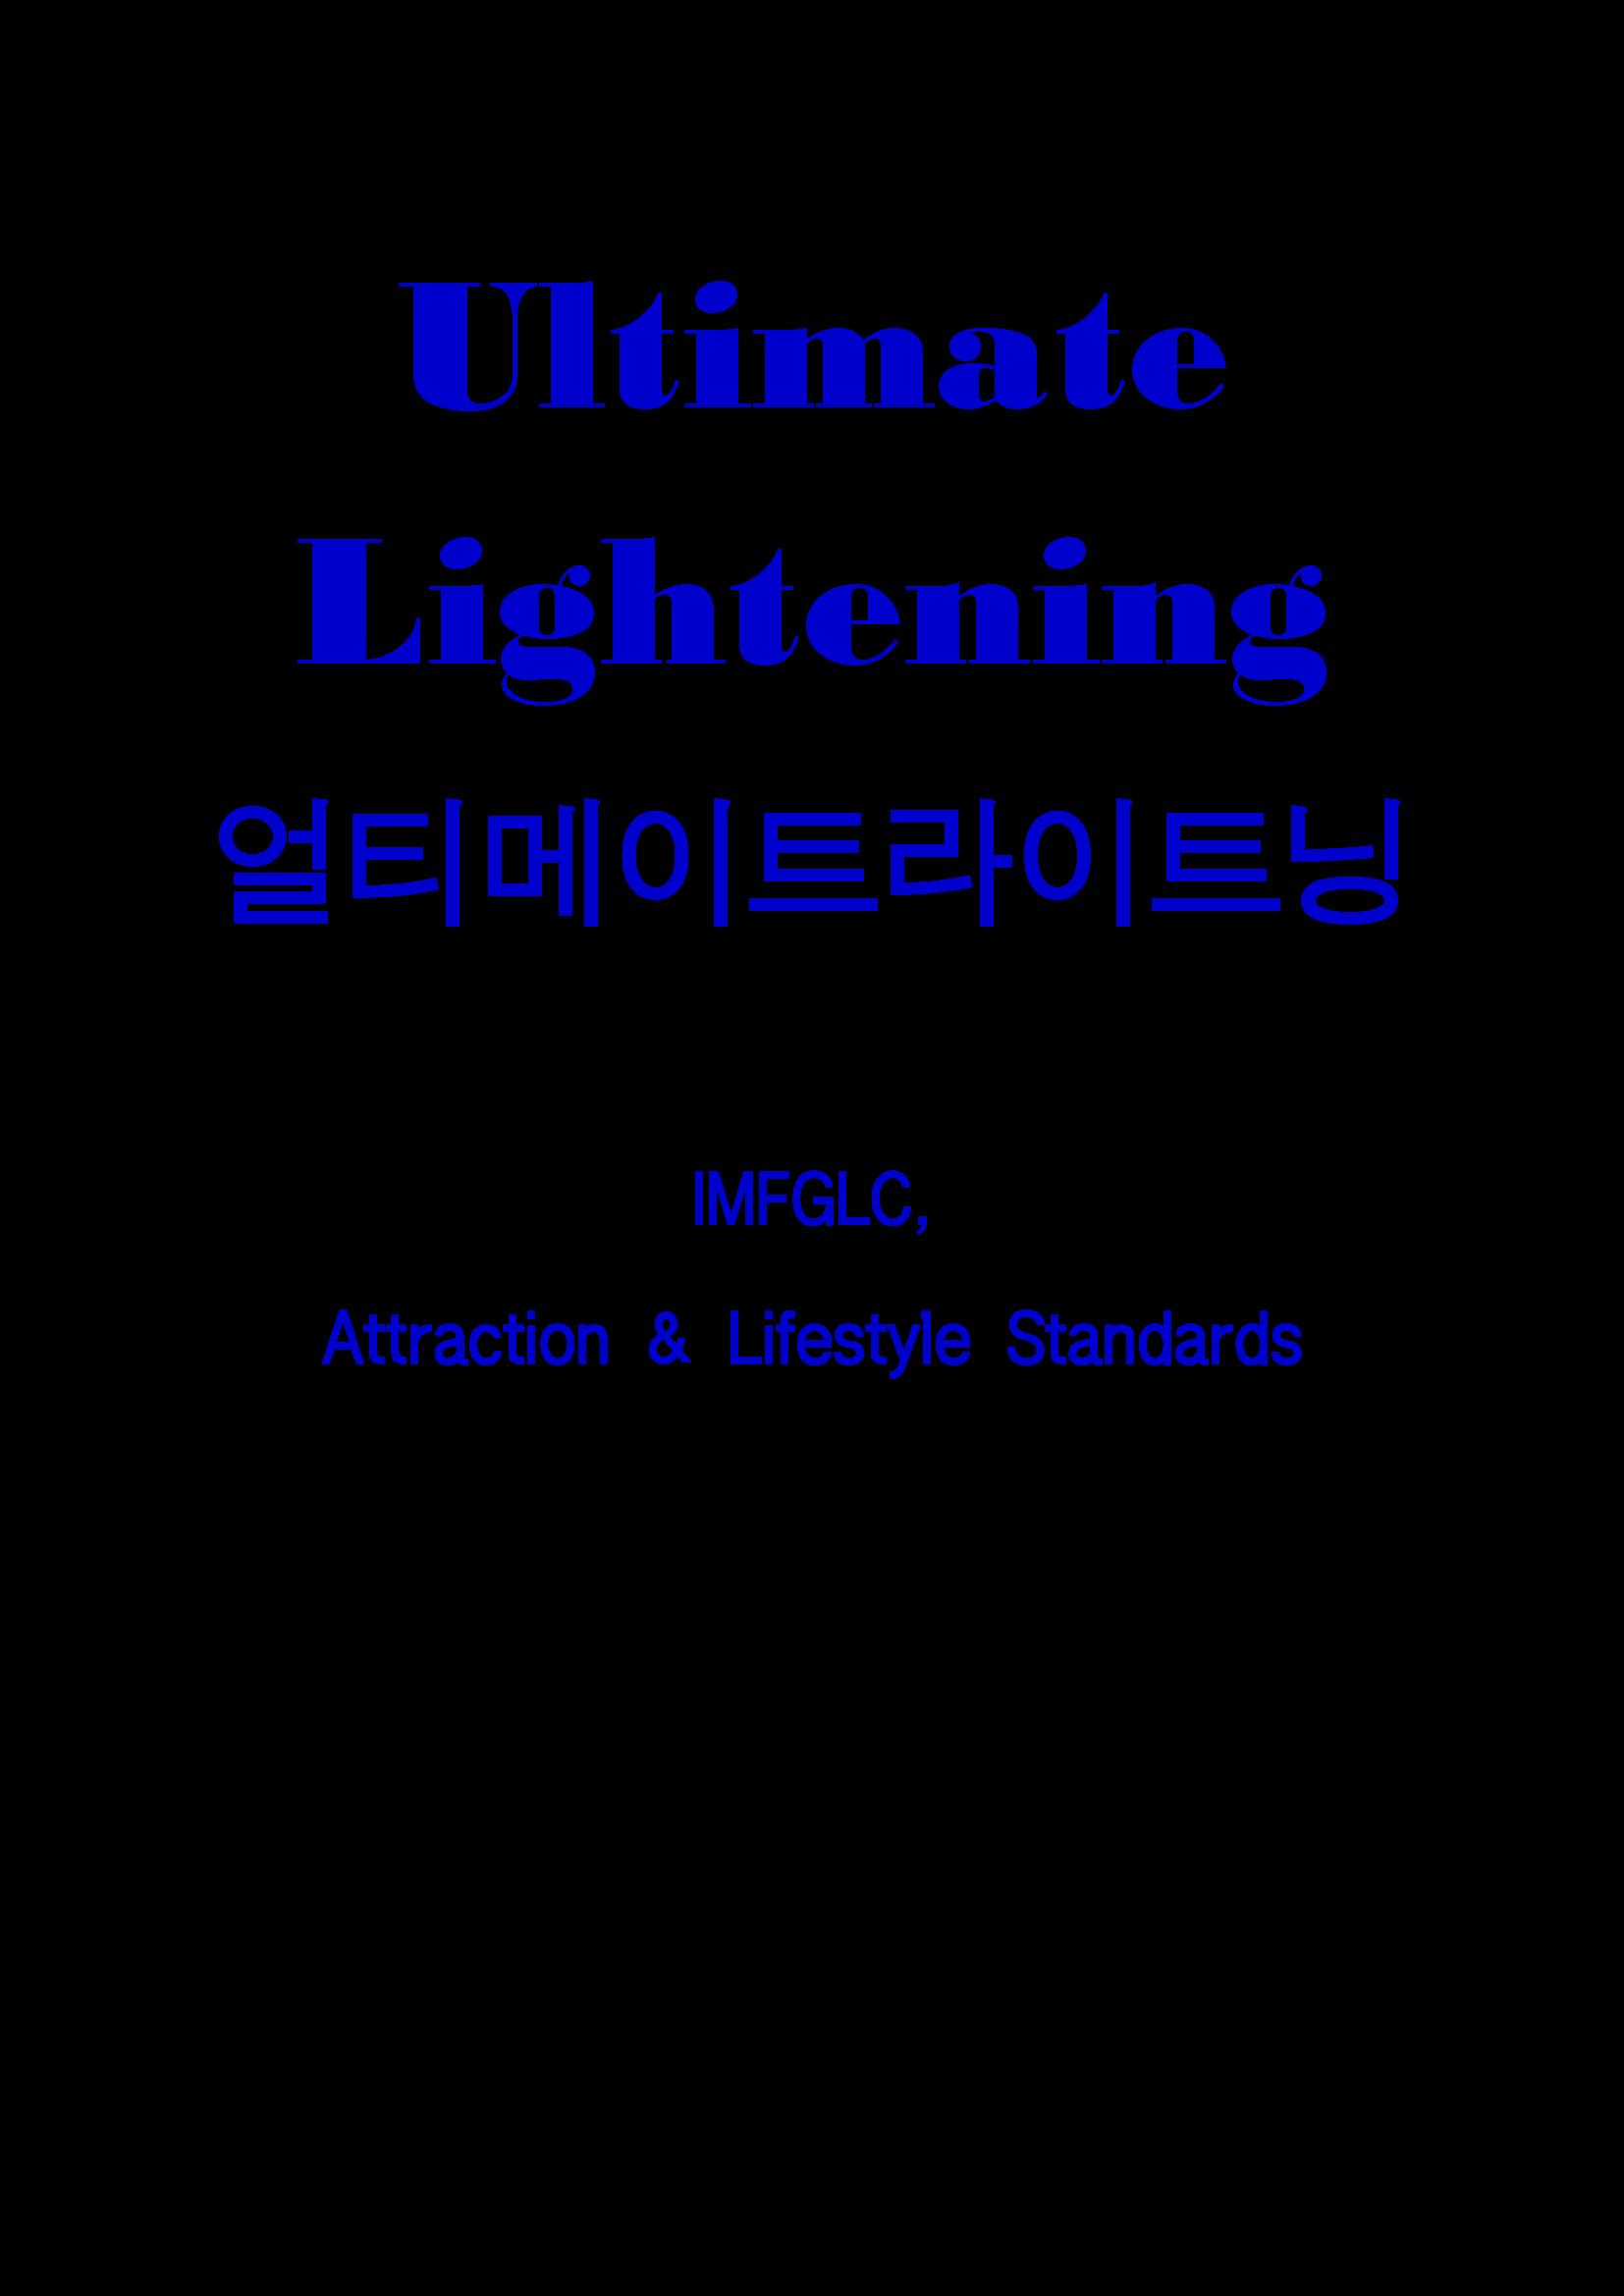 제 11회 Ultimate Lightening(진짜)_페이지_02.png